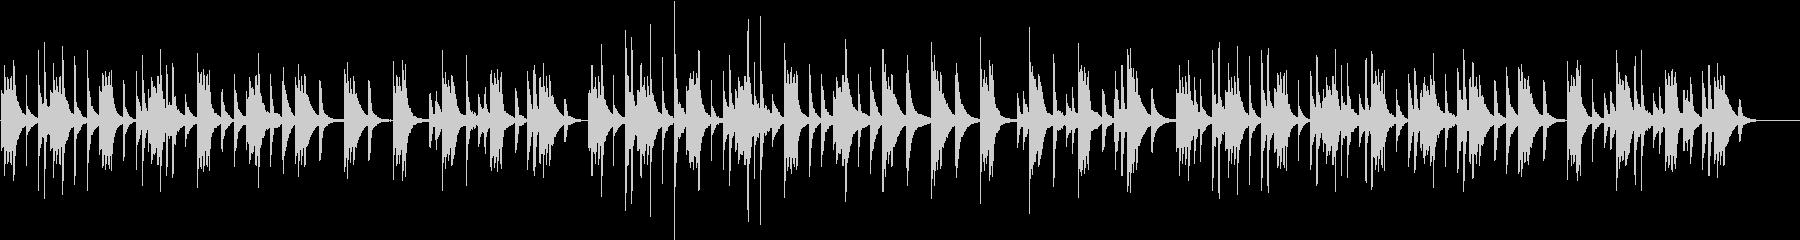 ピアノの音で作ったゆったりとした曲の未再生の波形